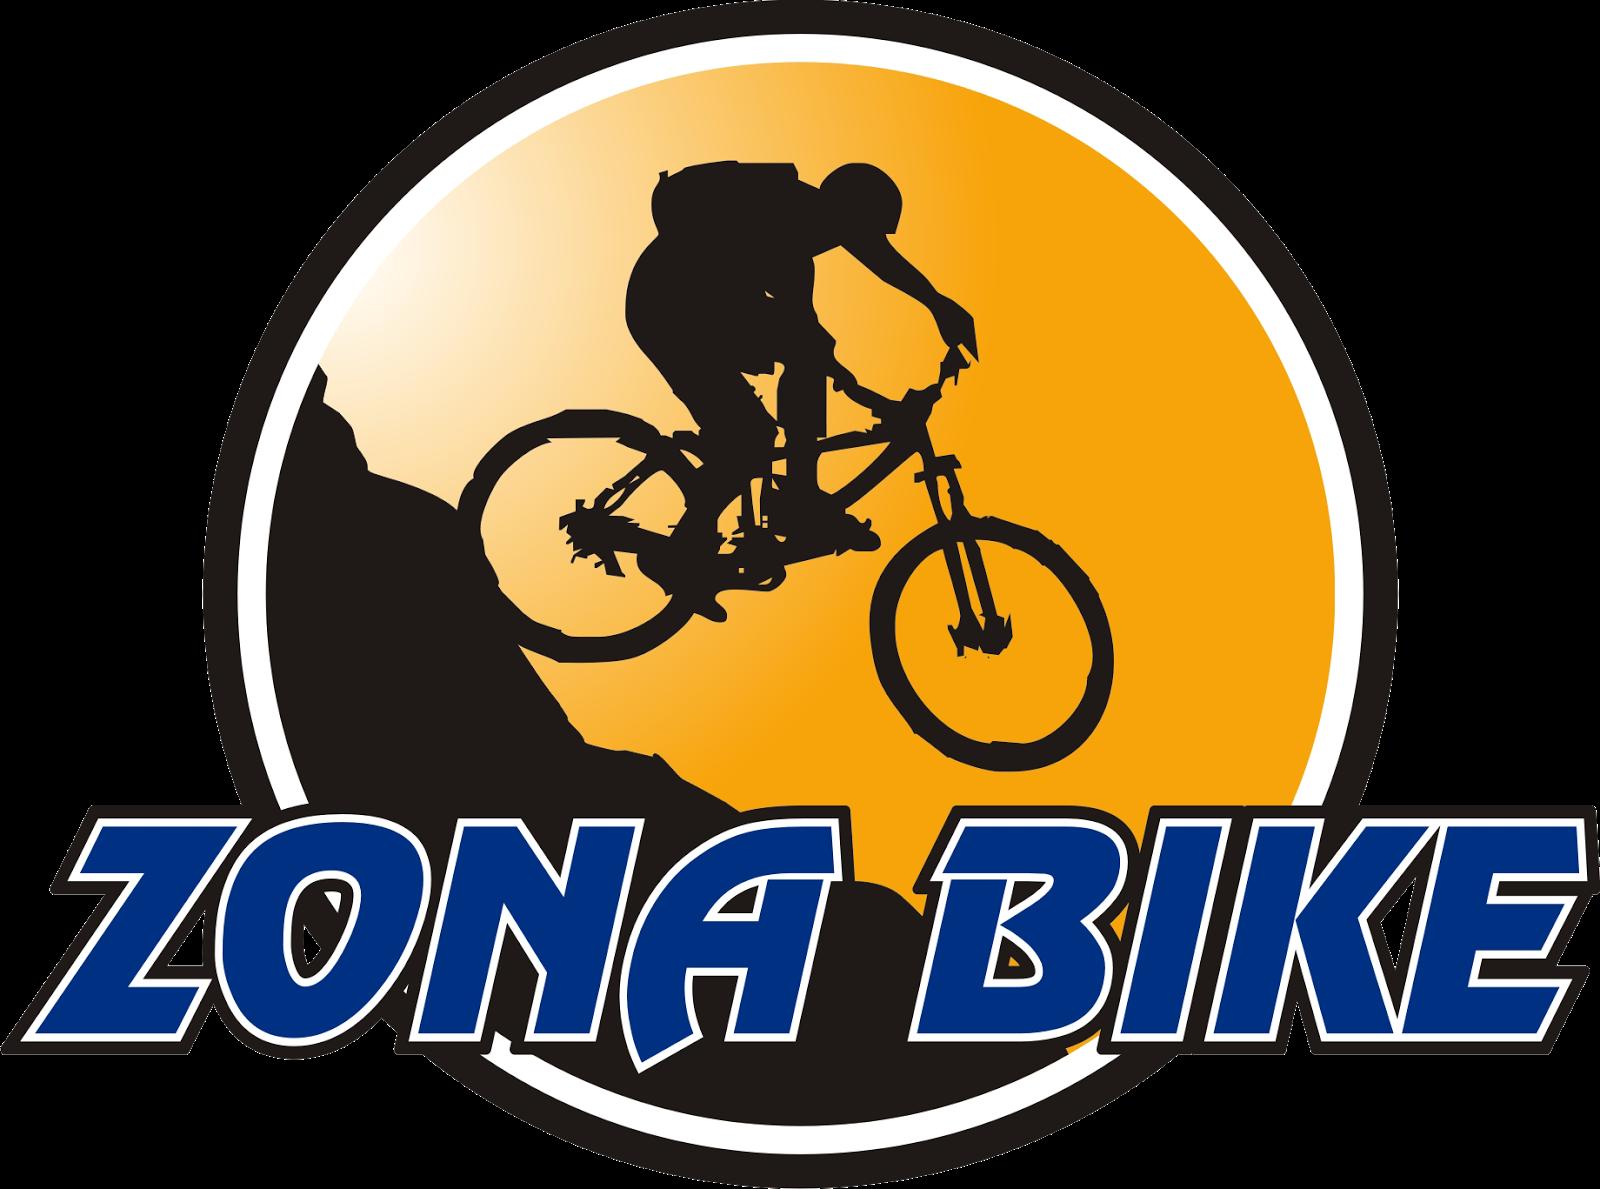 Tienda Zona Bike